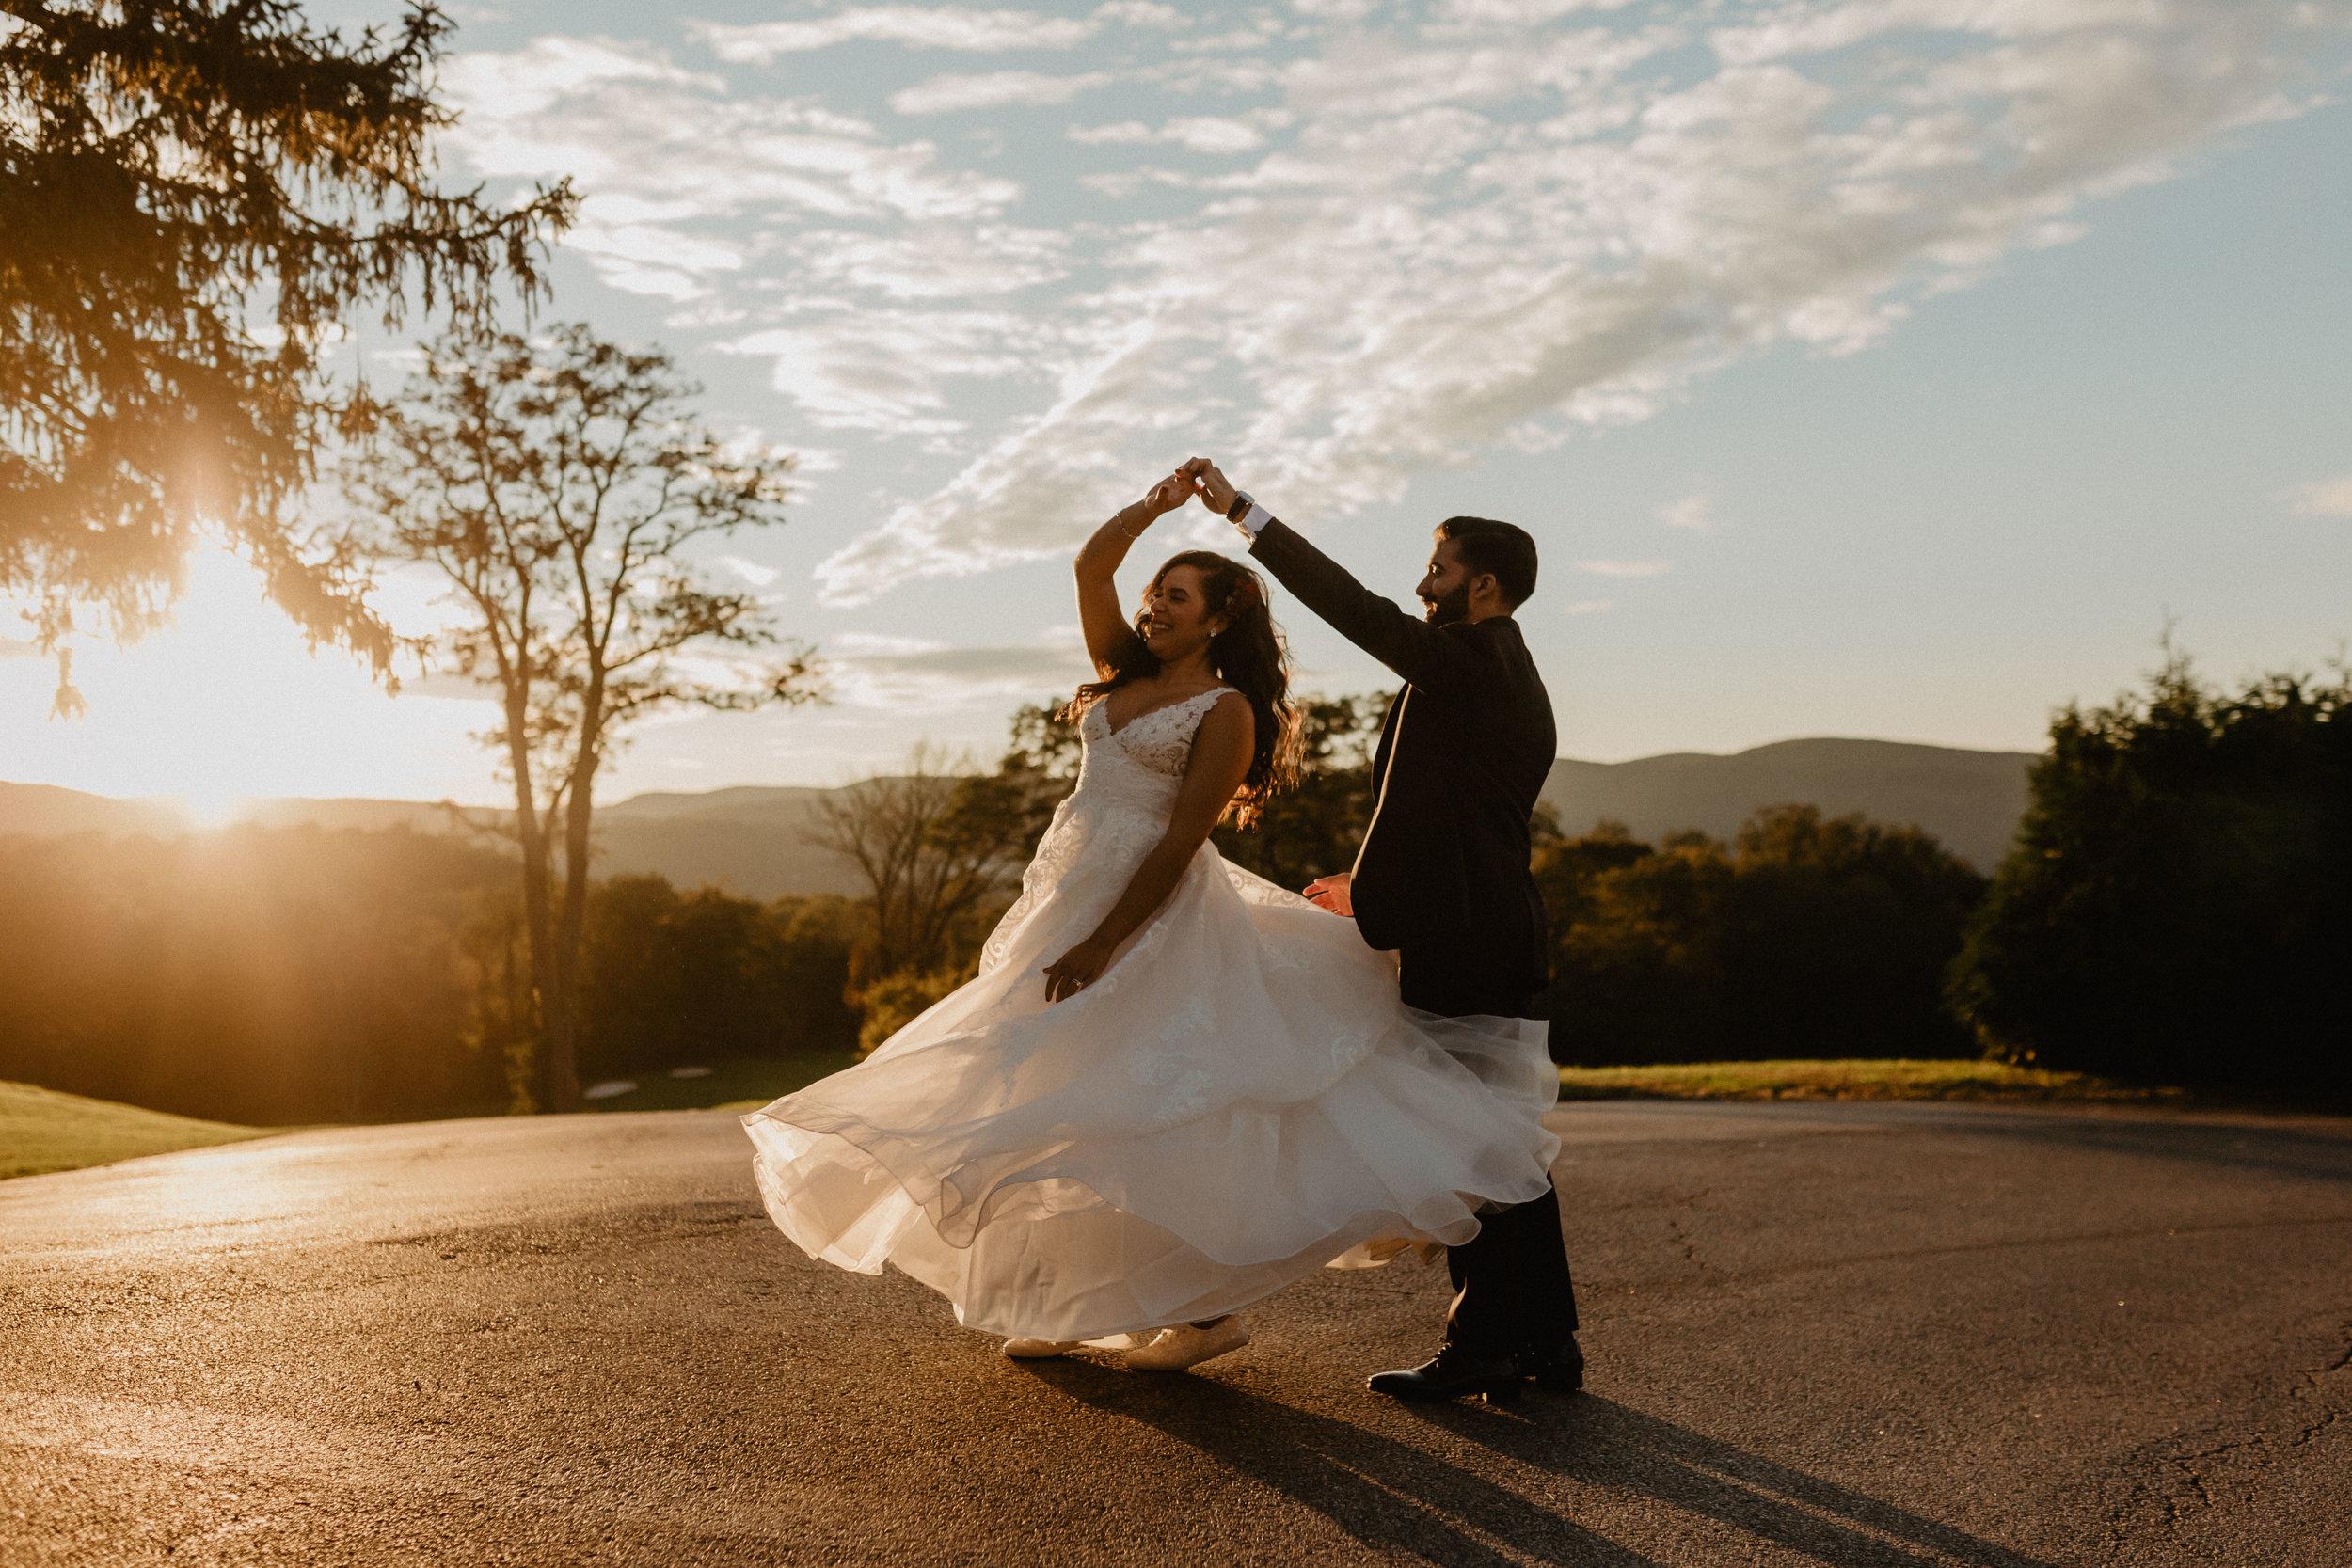 garrison_wedding_photos_066.jpg